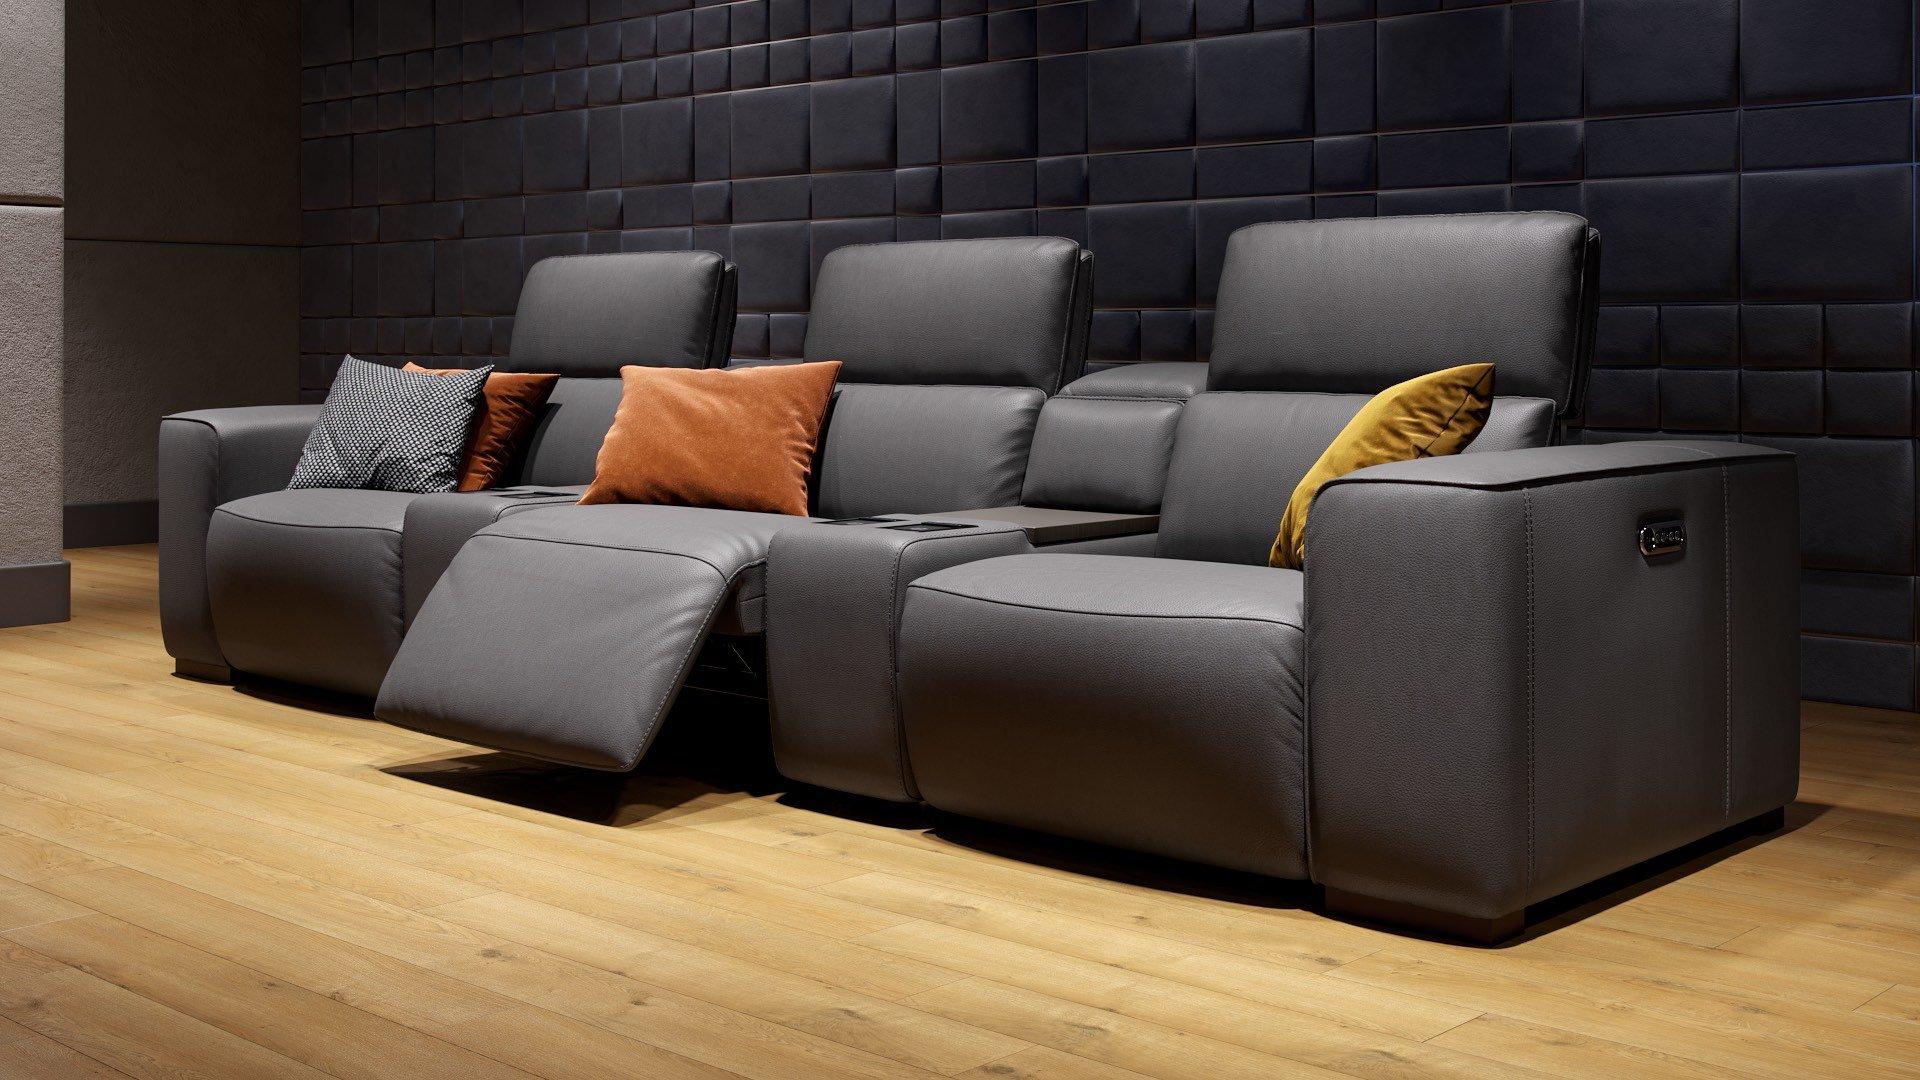 Leder 3-Sitzer Kinosofa mit zwei Mittelkonsolen BINETTO